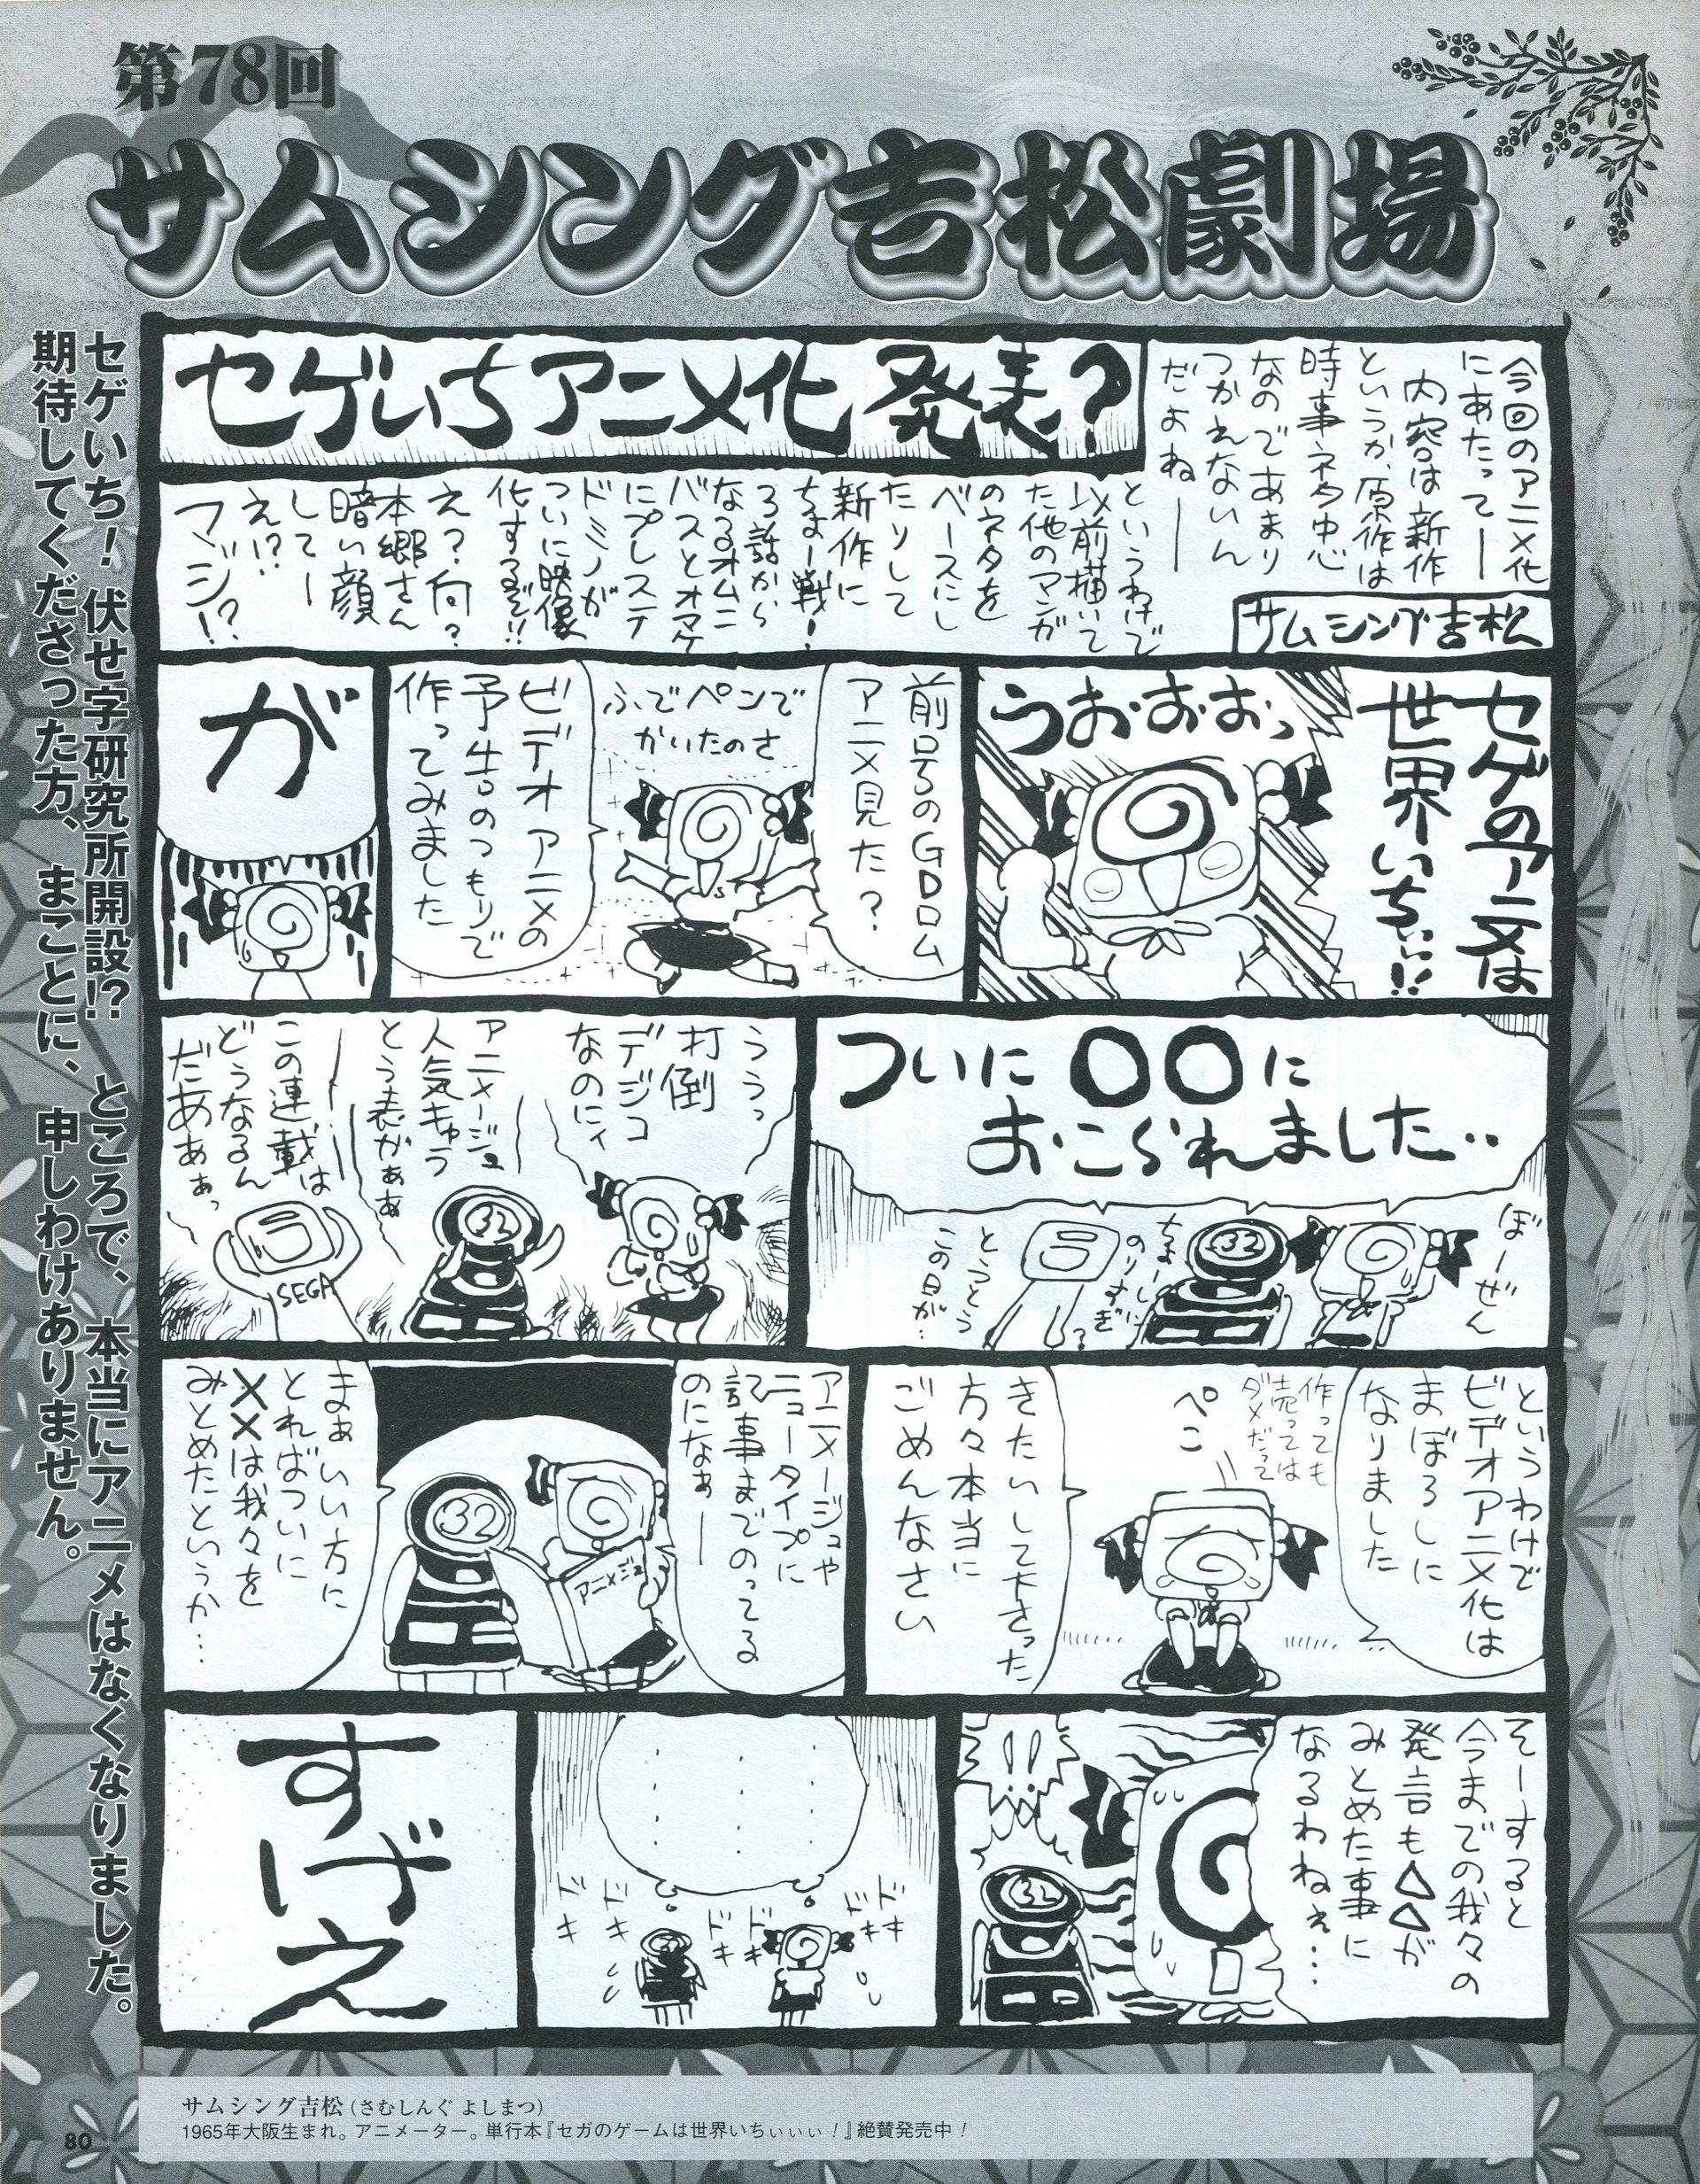 「ドリームキャストマガジン」2000年7月21日号より